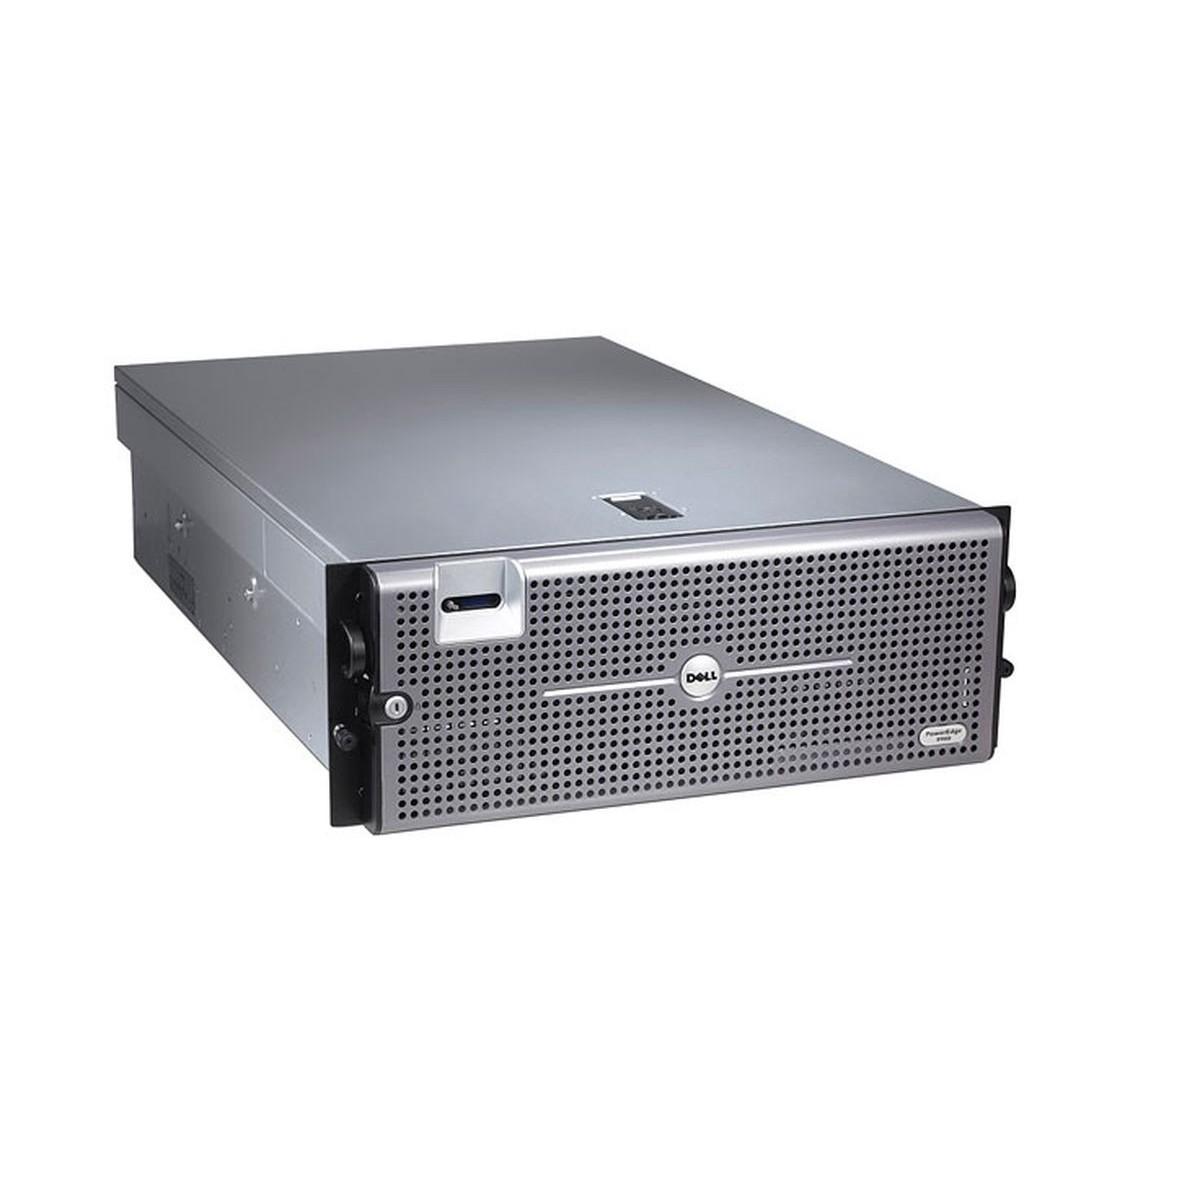 DELL R900 4x2.13 QC 32GB 4x300GB SAS 2xPSU PERC 6i